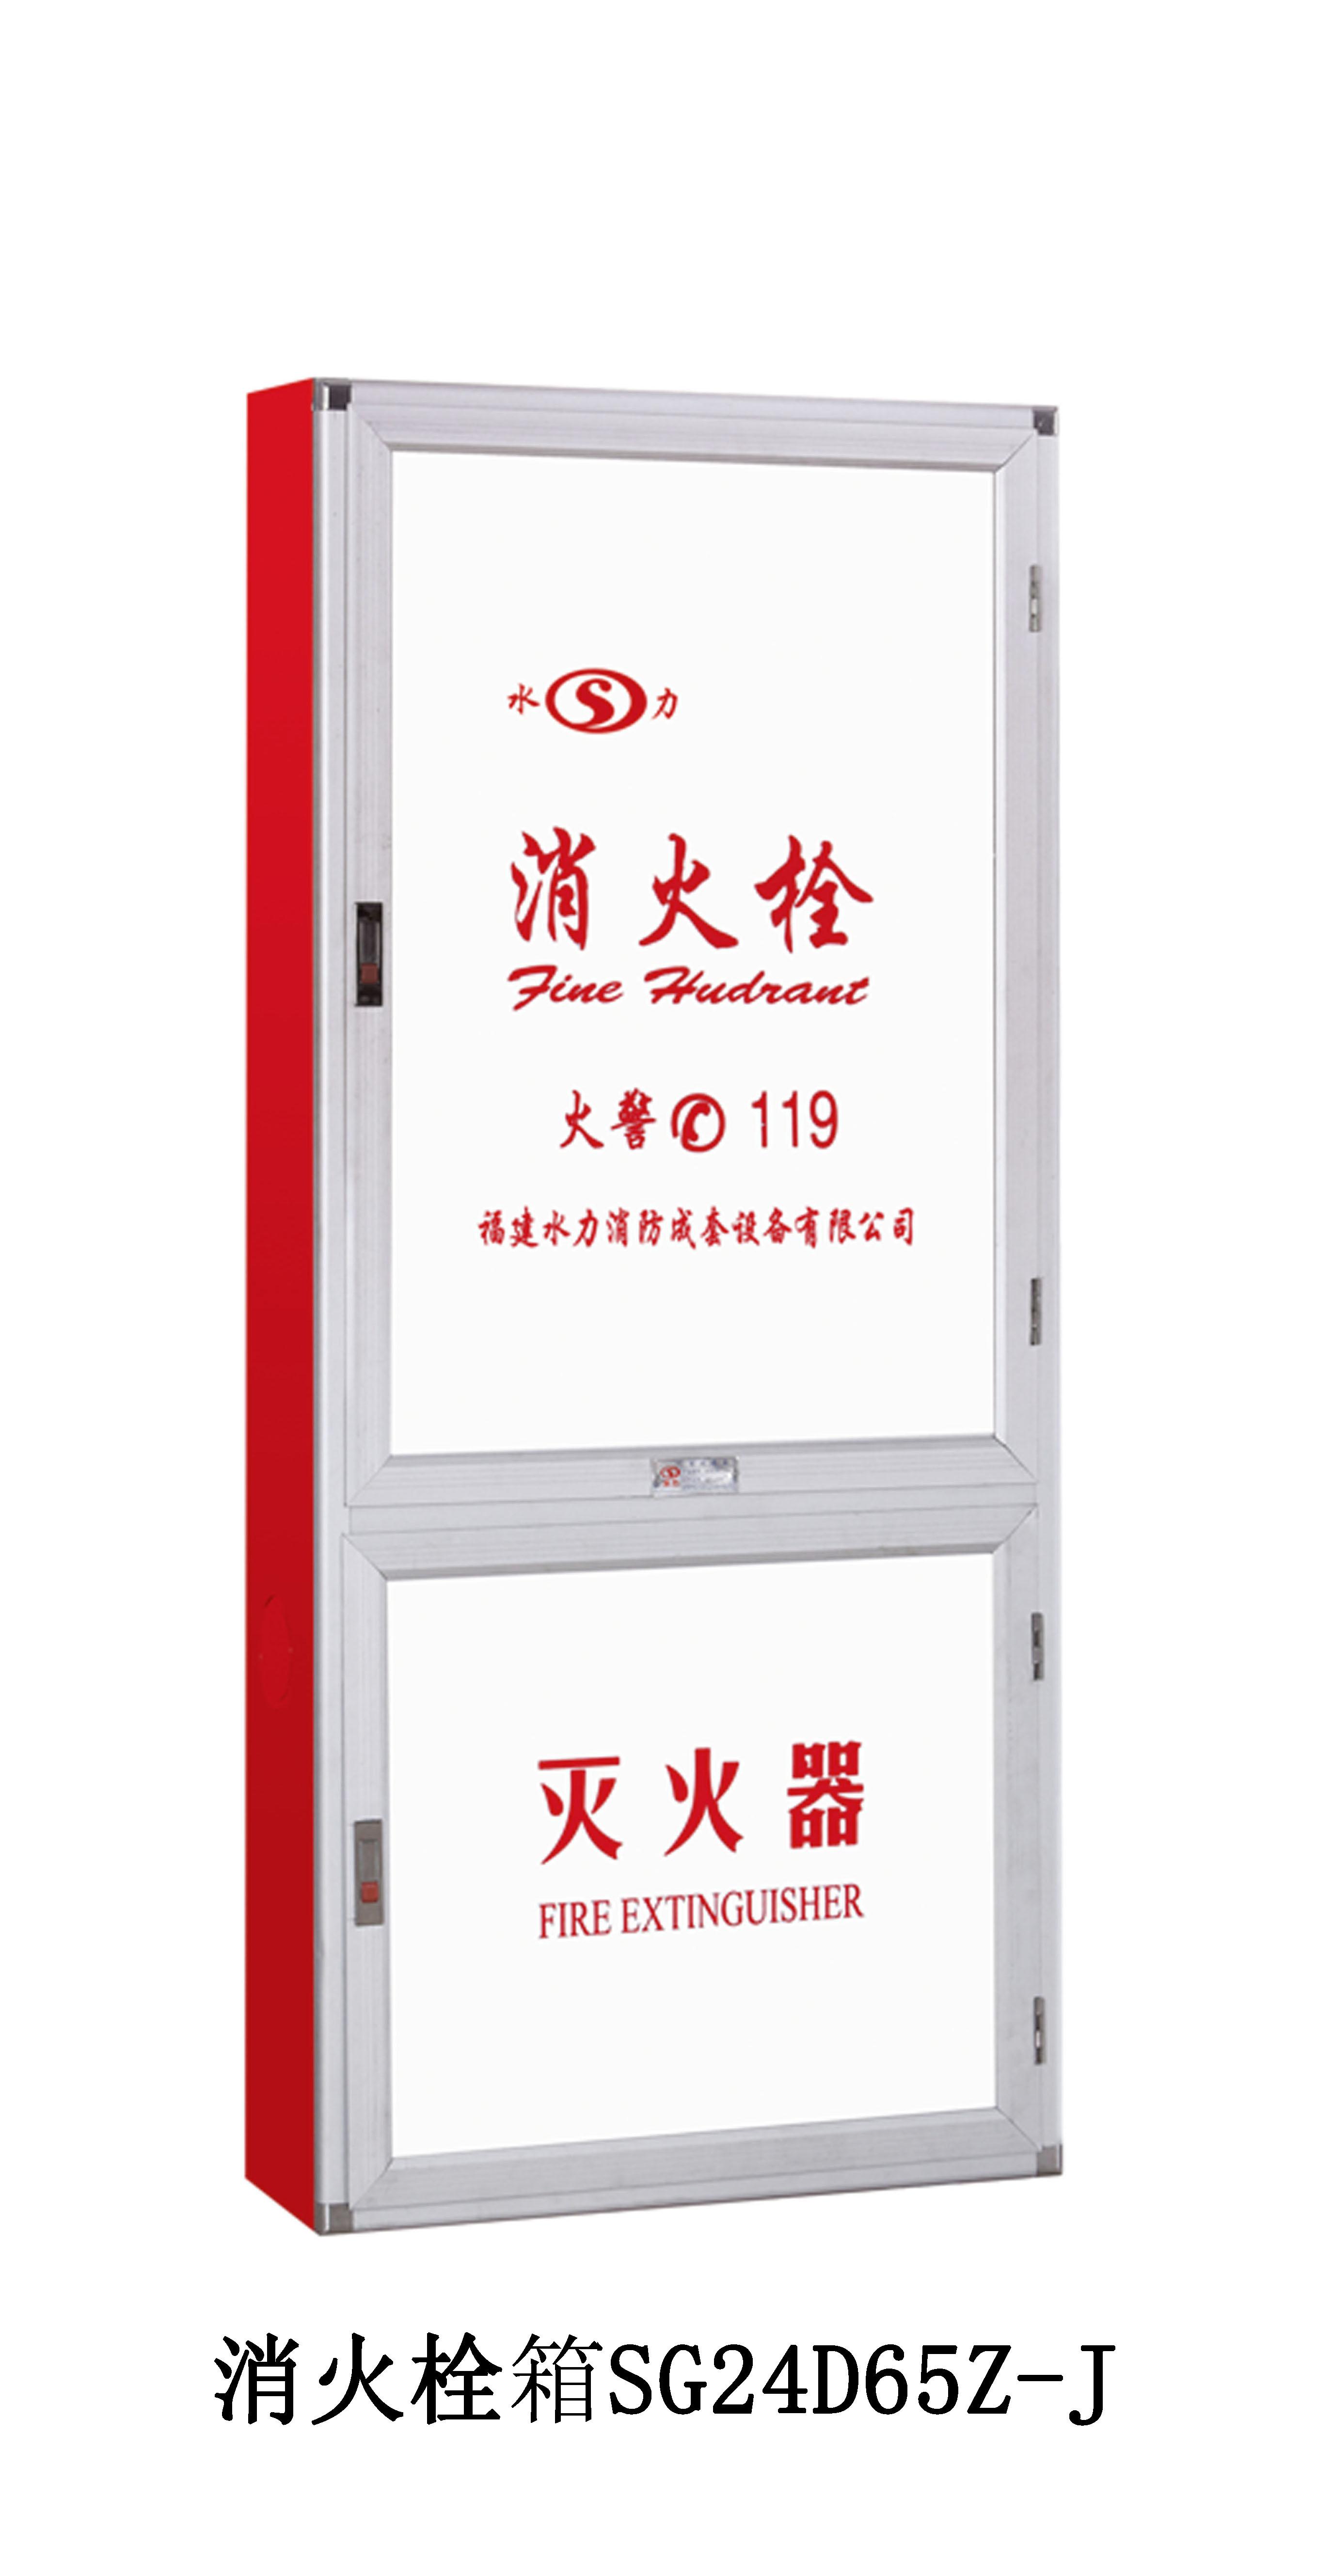 <em style='color:red'>双</em>栓消火栓组合柜(2具4公斤干粉灭火器)图片